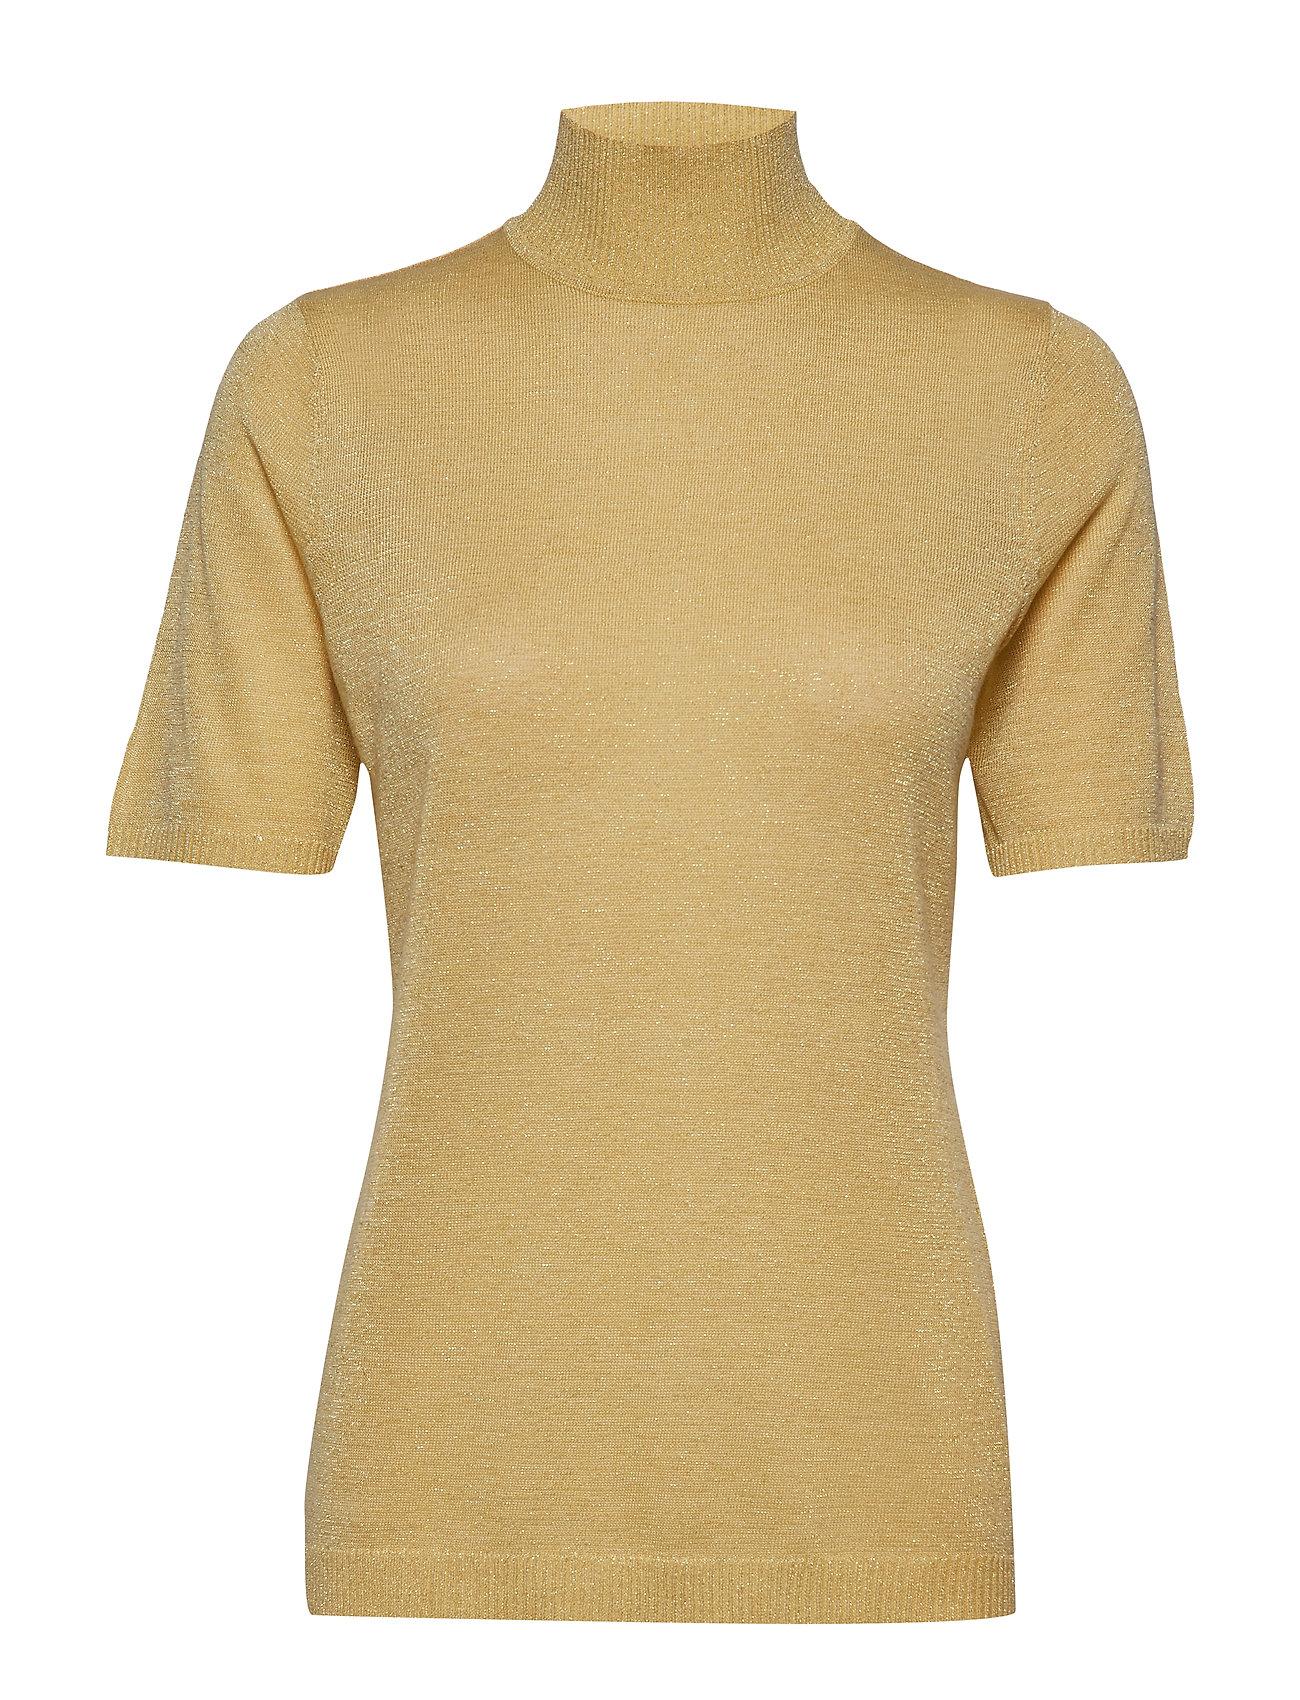 Minus Lima roll neck knit - DUSTY LEMON W/LUREX